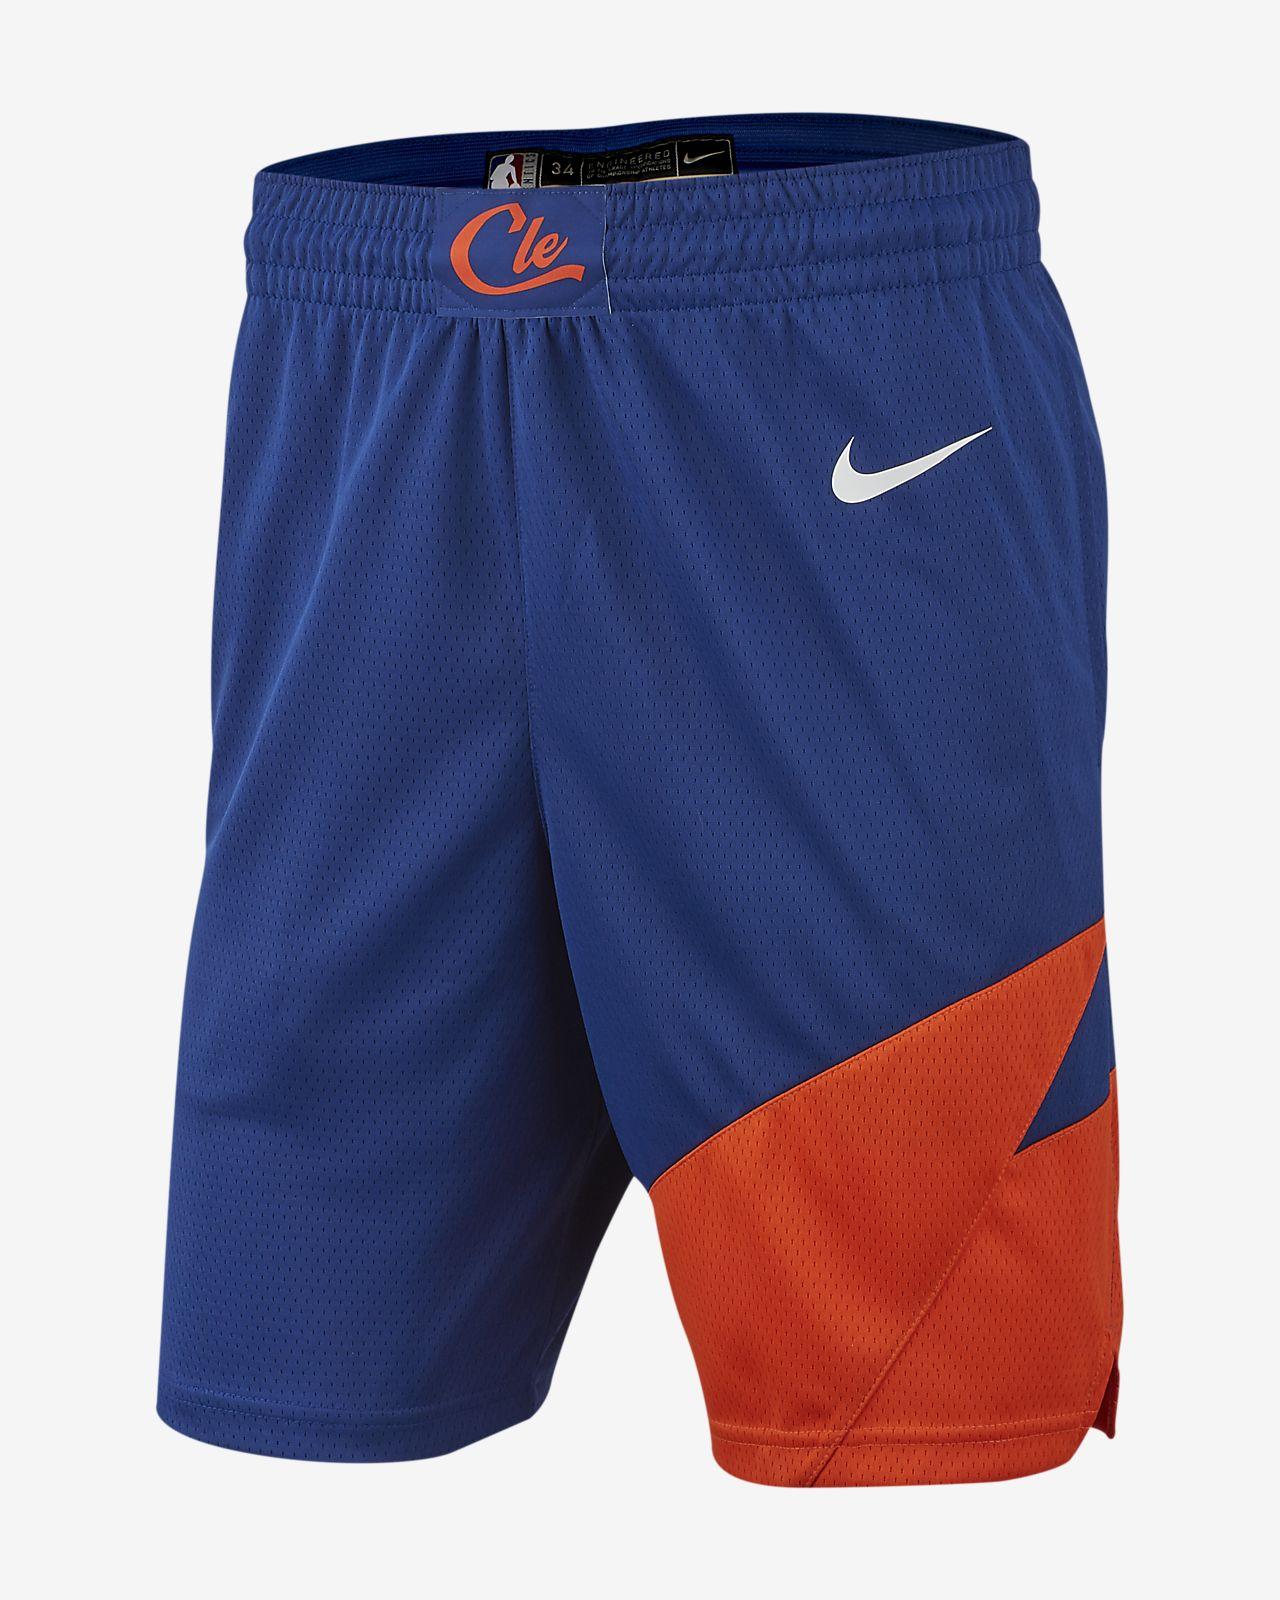 Cleveland Cavaliers City Edition Swingman Nike NBA-s férfi rövidnadrág